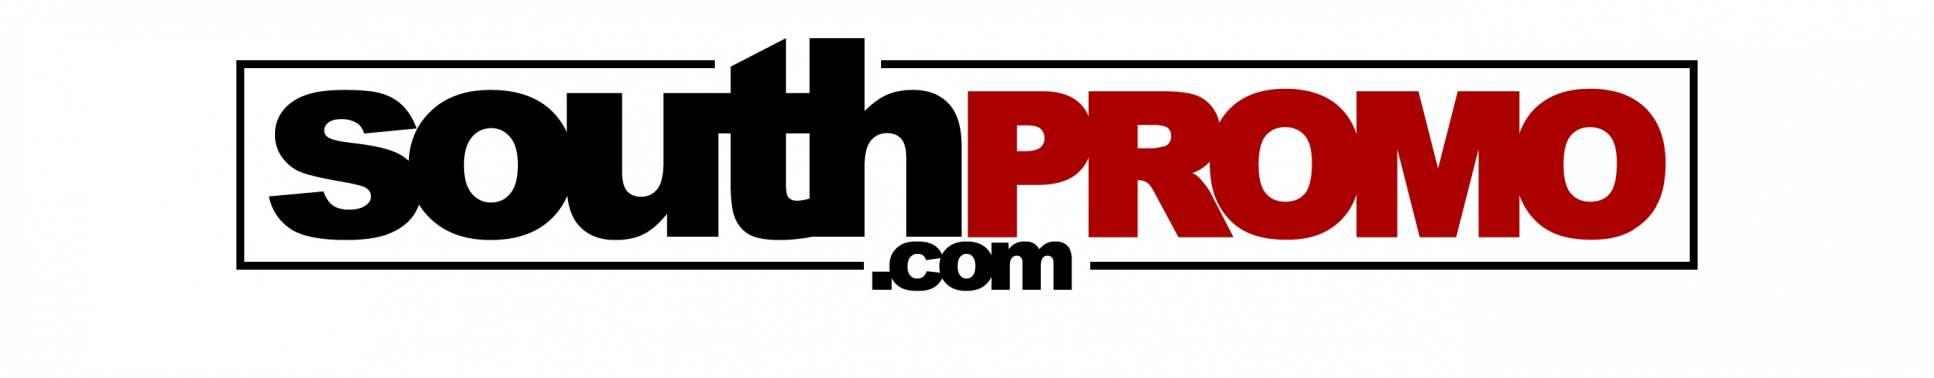 SouthPromo.com Logo